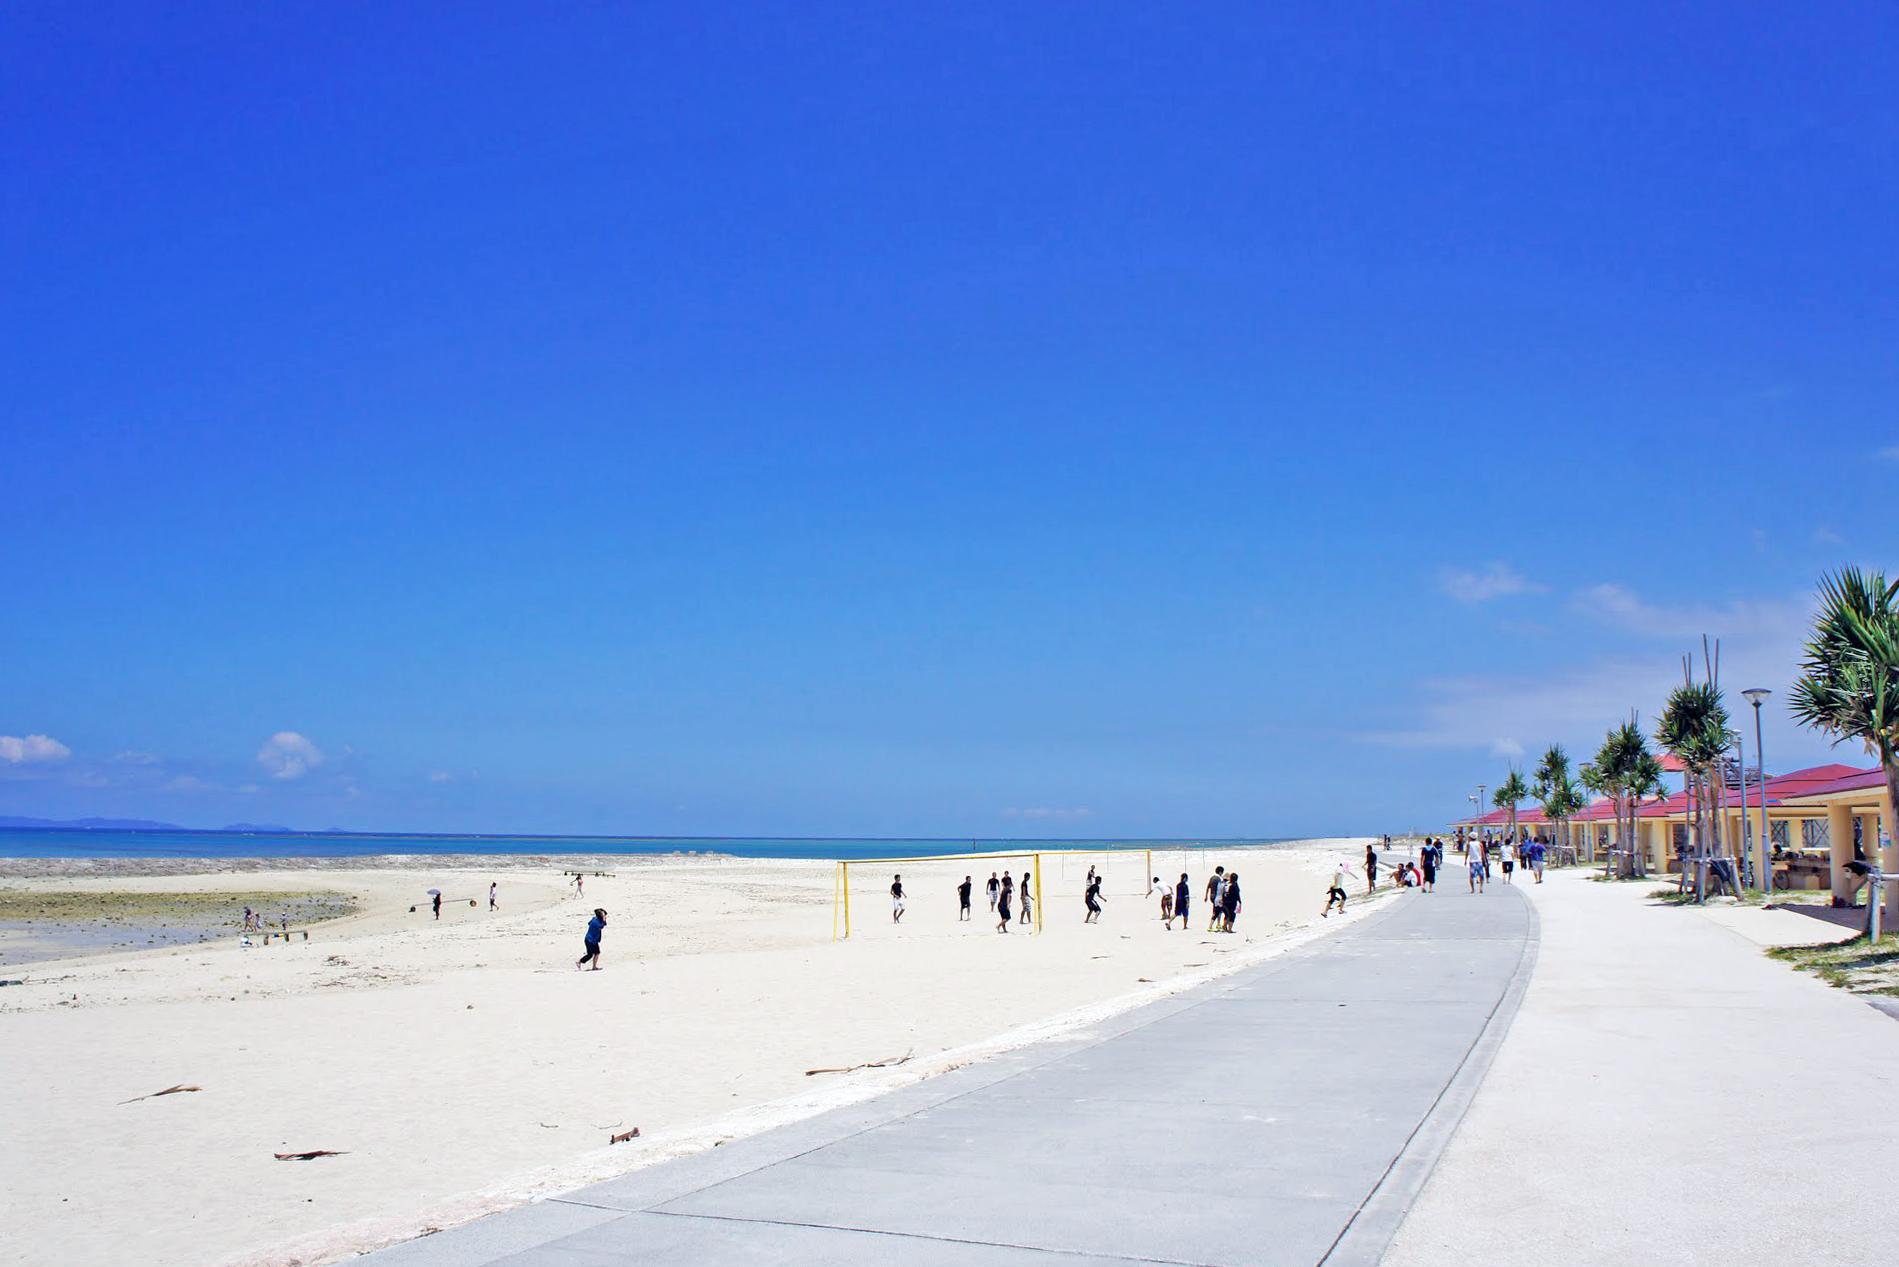 沖縄南部「豊崎美らSUNビーチ」